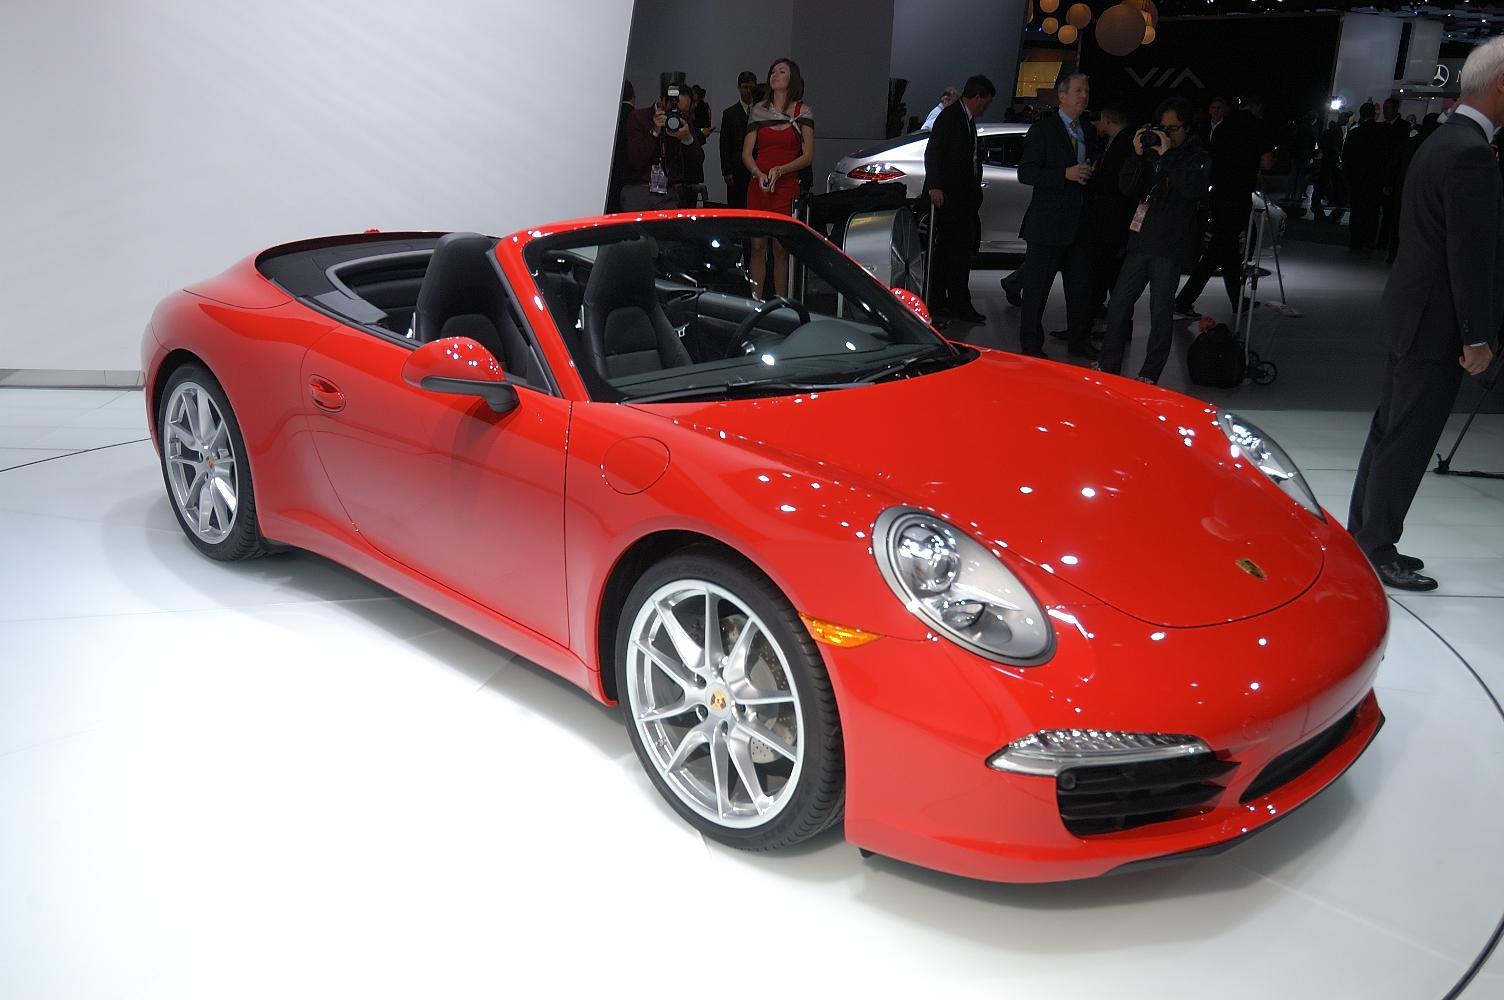 Porsche 911 Cabriolet NAIAS 2012 2